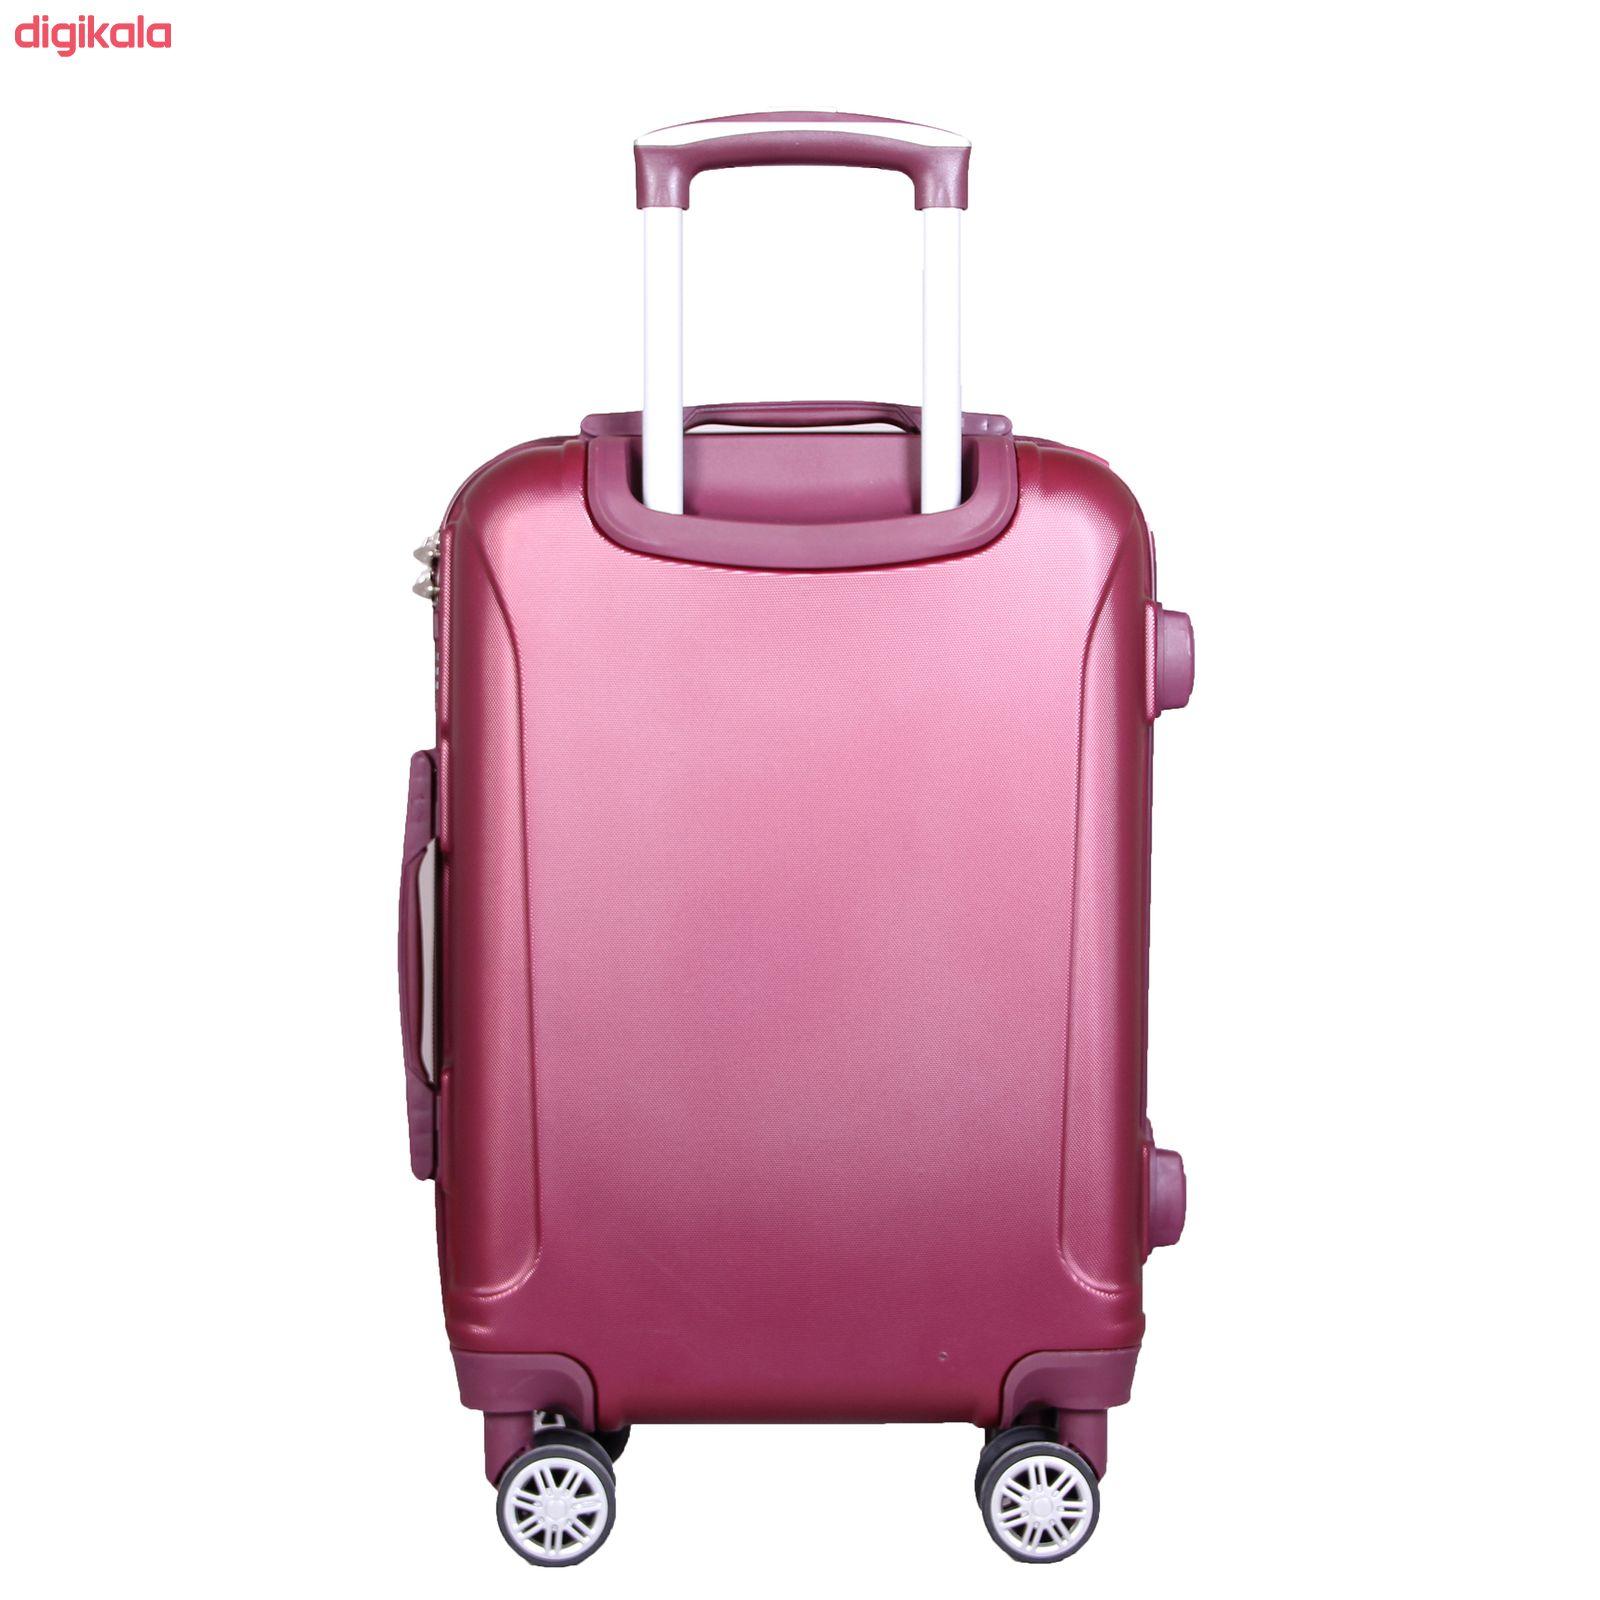 مجموعه چهار عددی چمدان مدل 319363 main 1 28